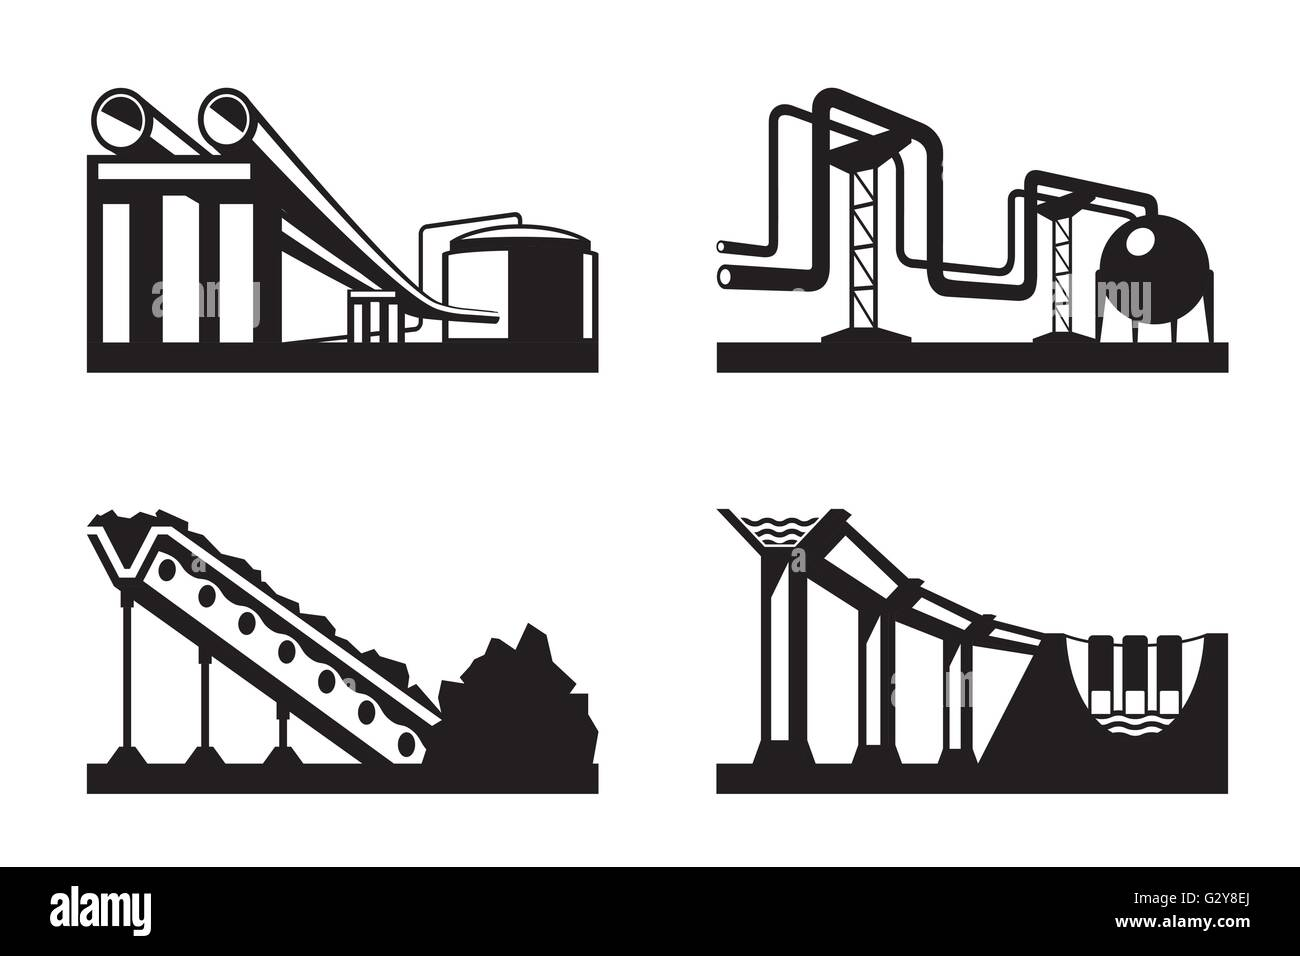 Los almacenes de recursos naturales - ilustración vectorial Imagen De Stock